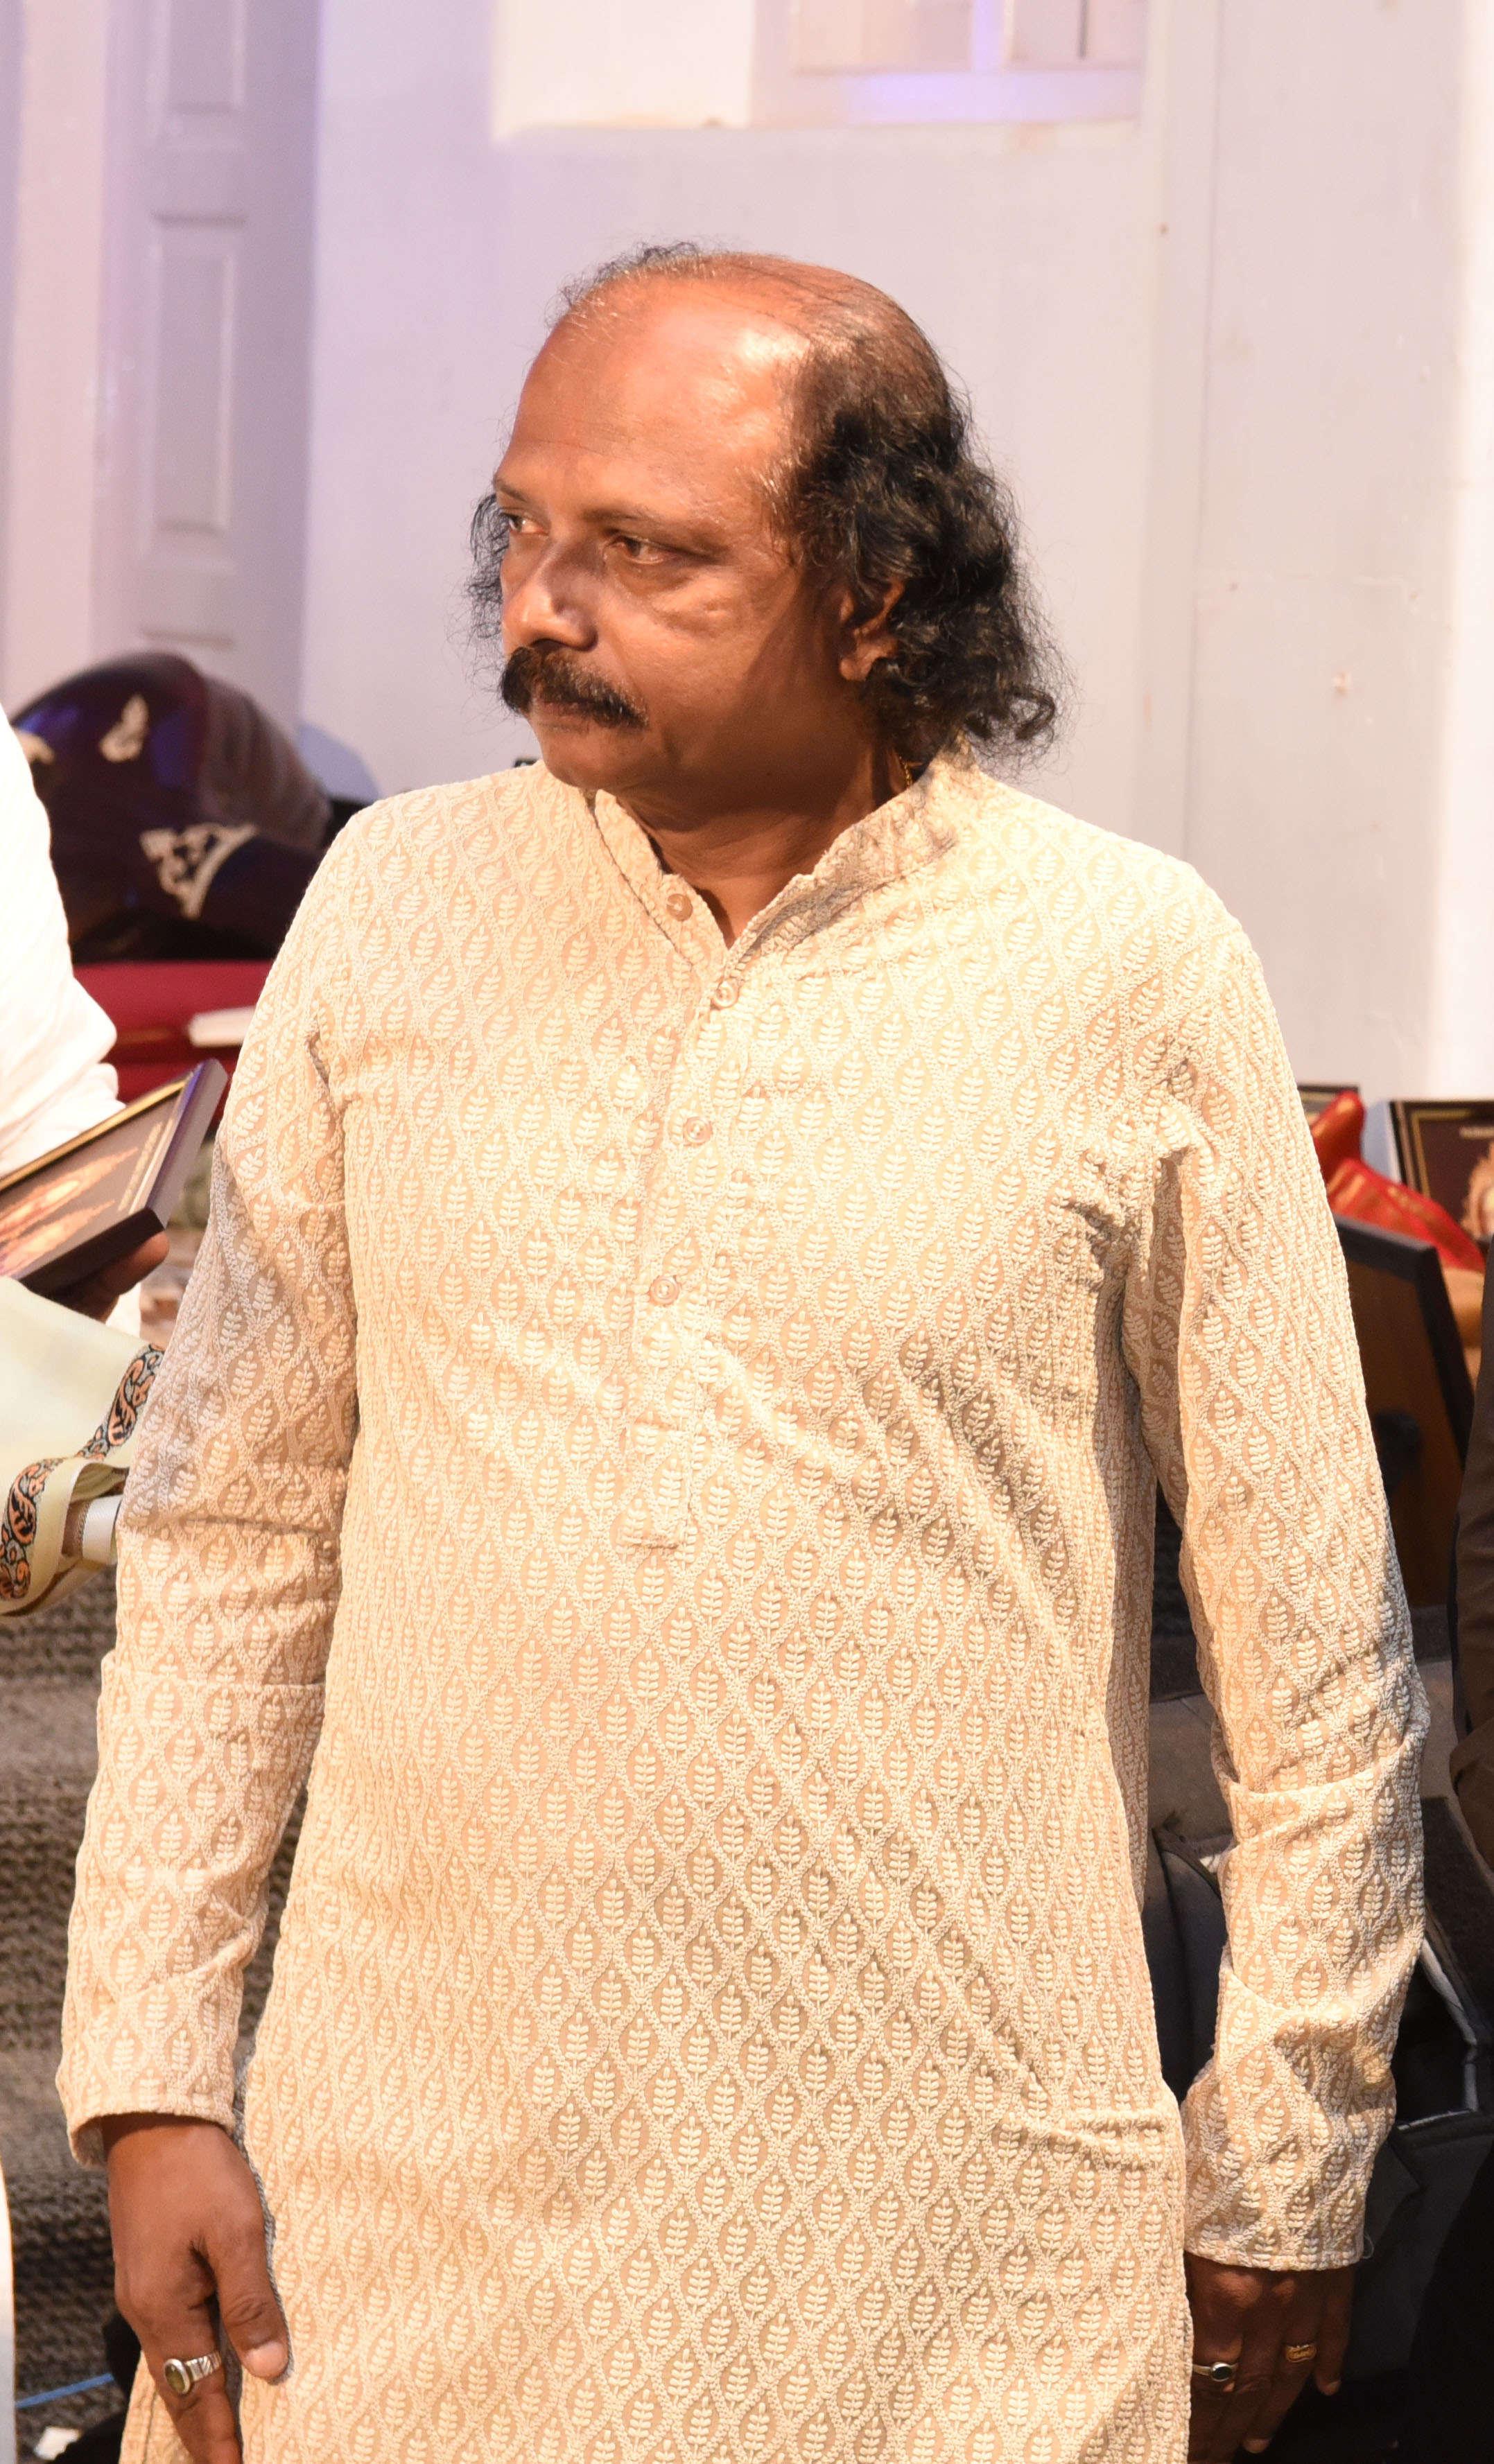 vijay sursen